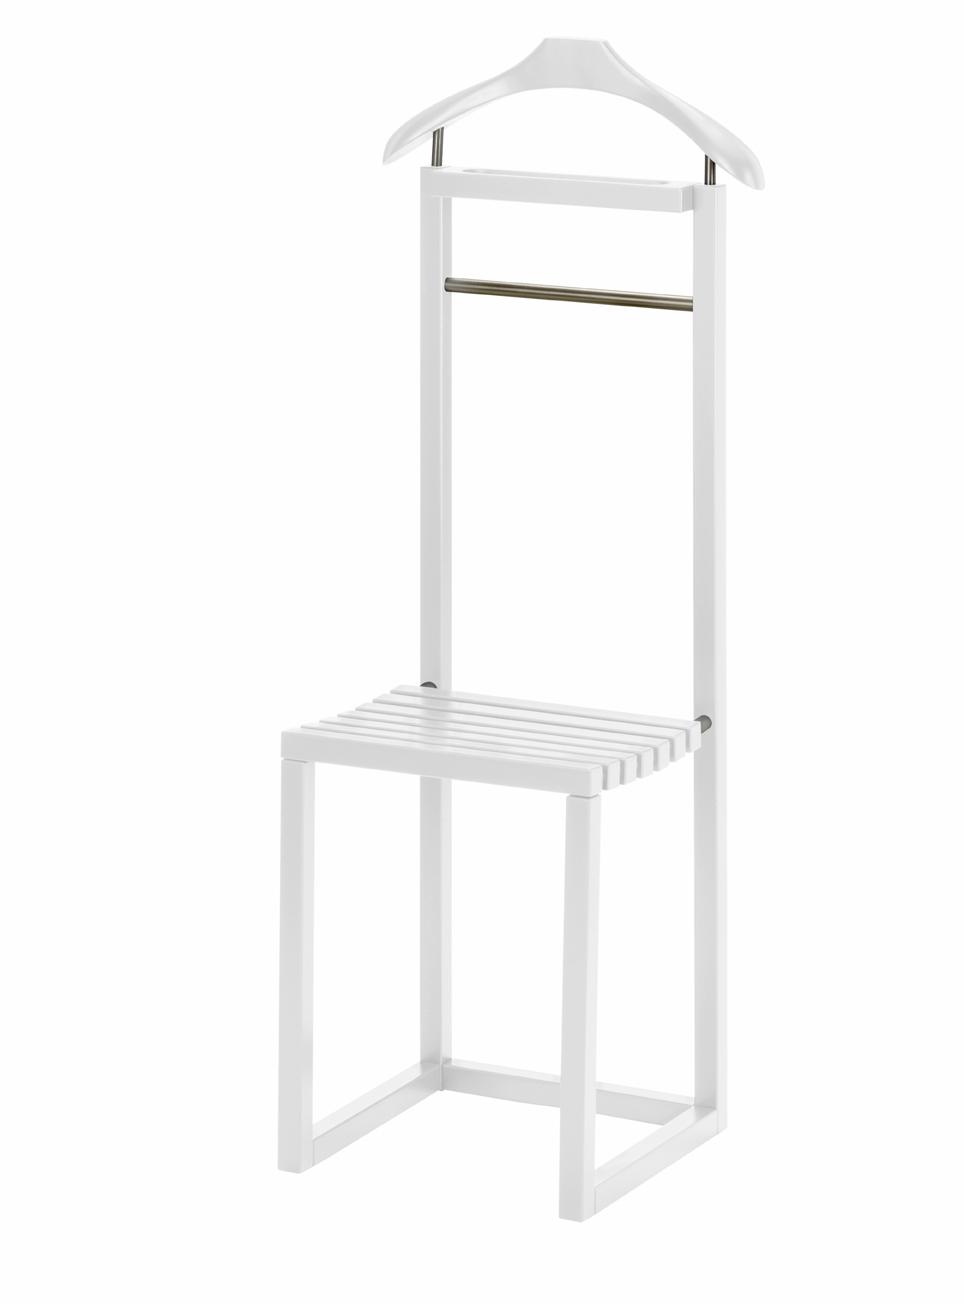 pieperconcept shop panama b designm bel garderoben und kleiderb gel. Black Bedroom Furniture Sets. Home Design Ideas